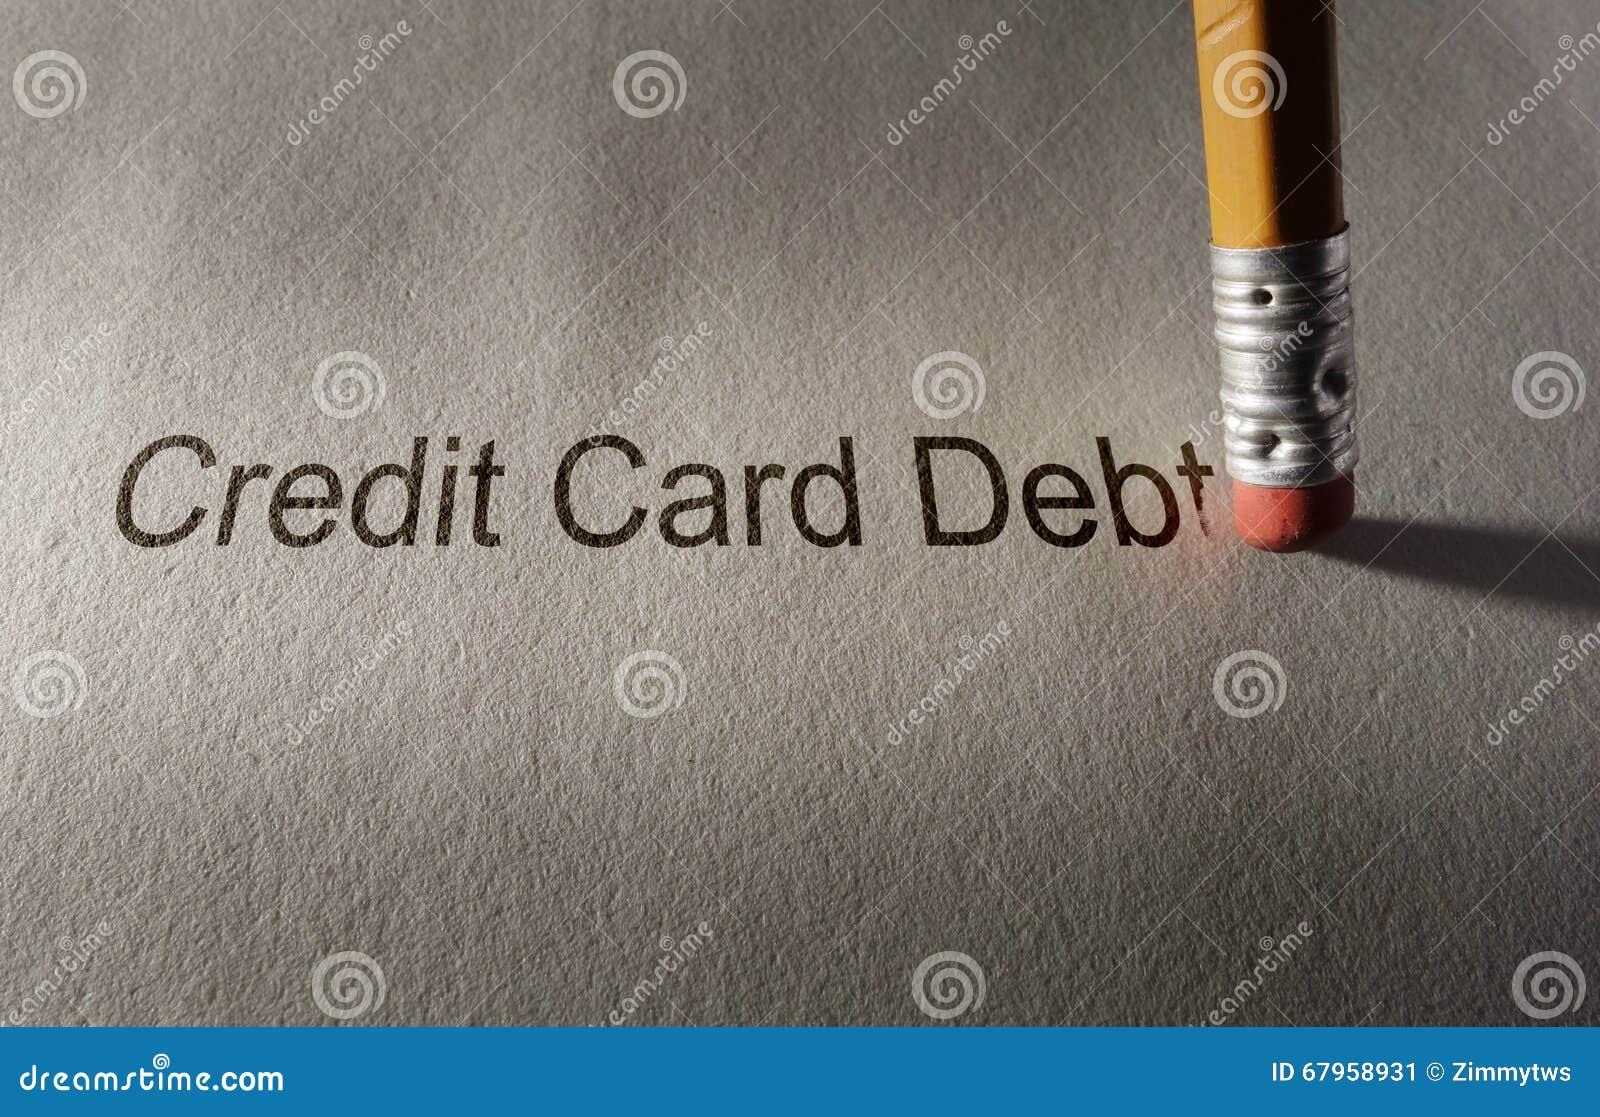 Reparo do débito do cartão de crédito